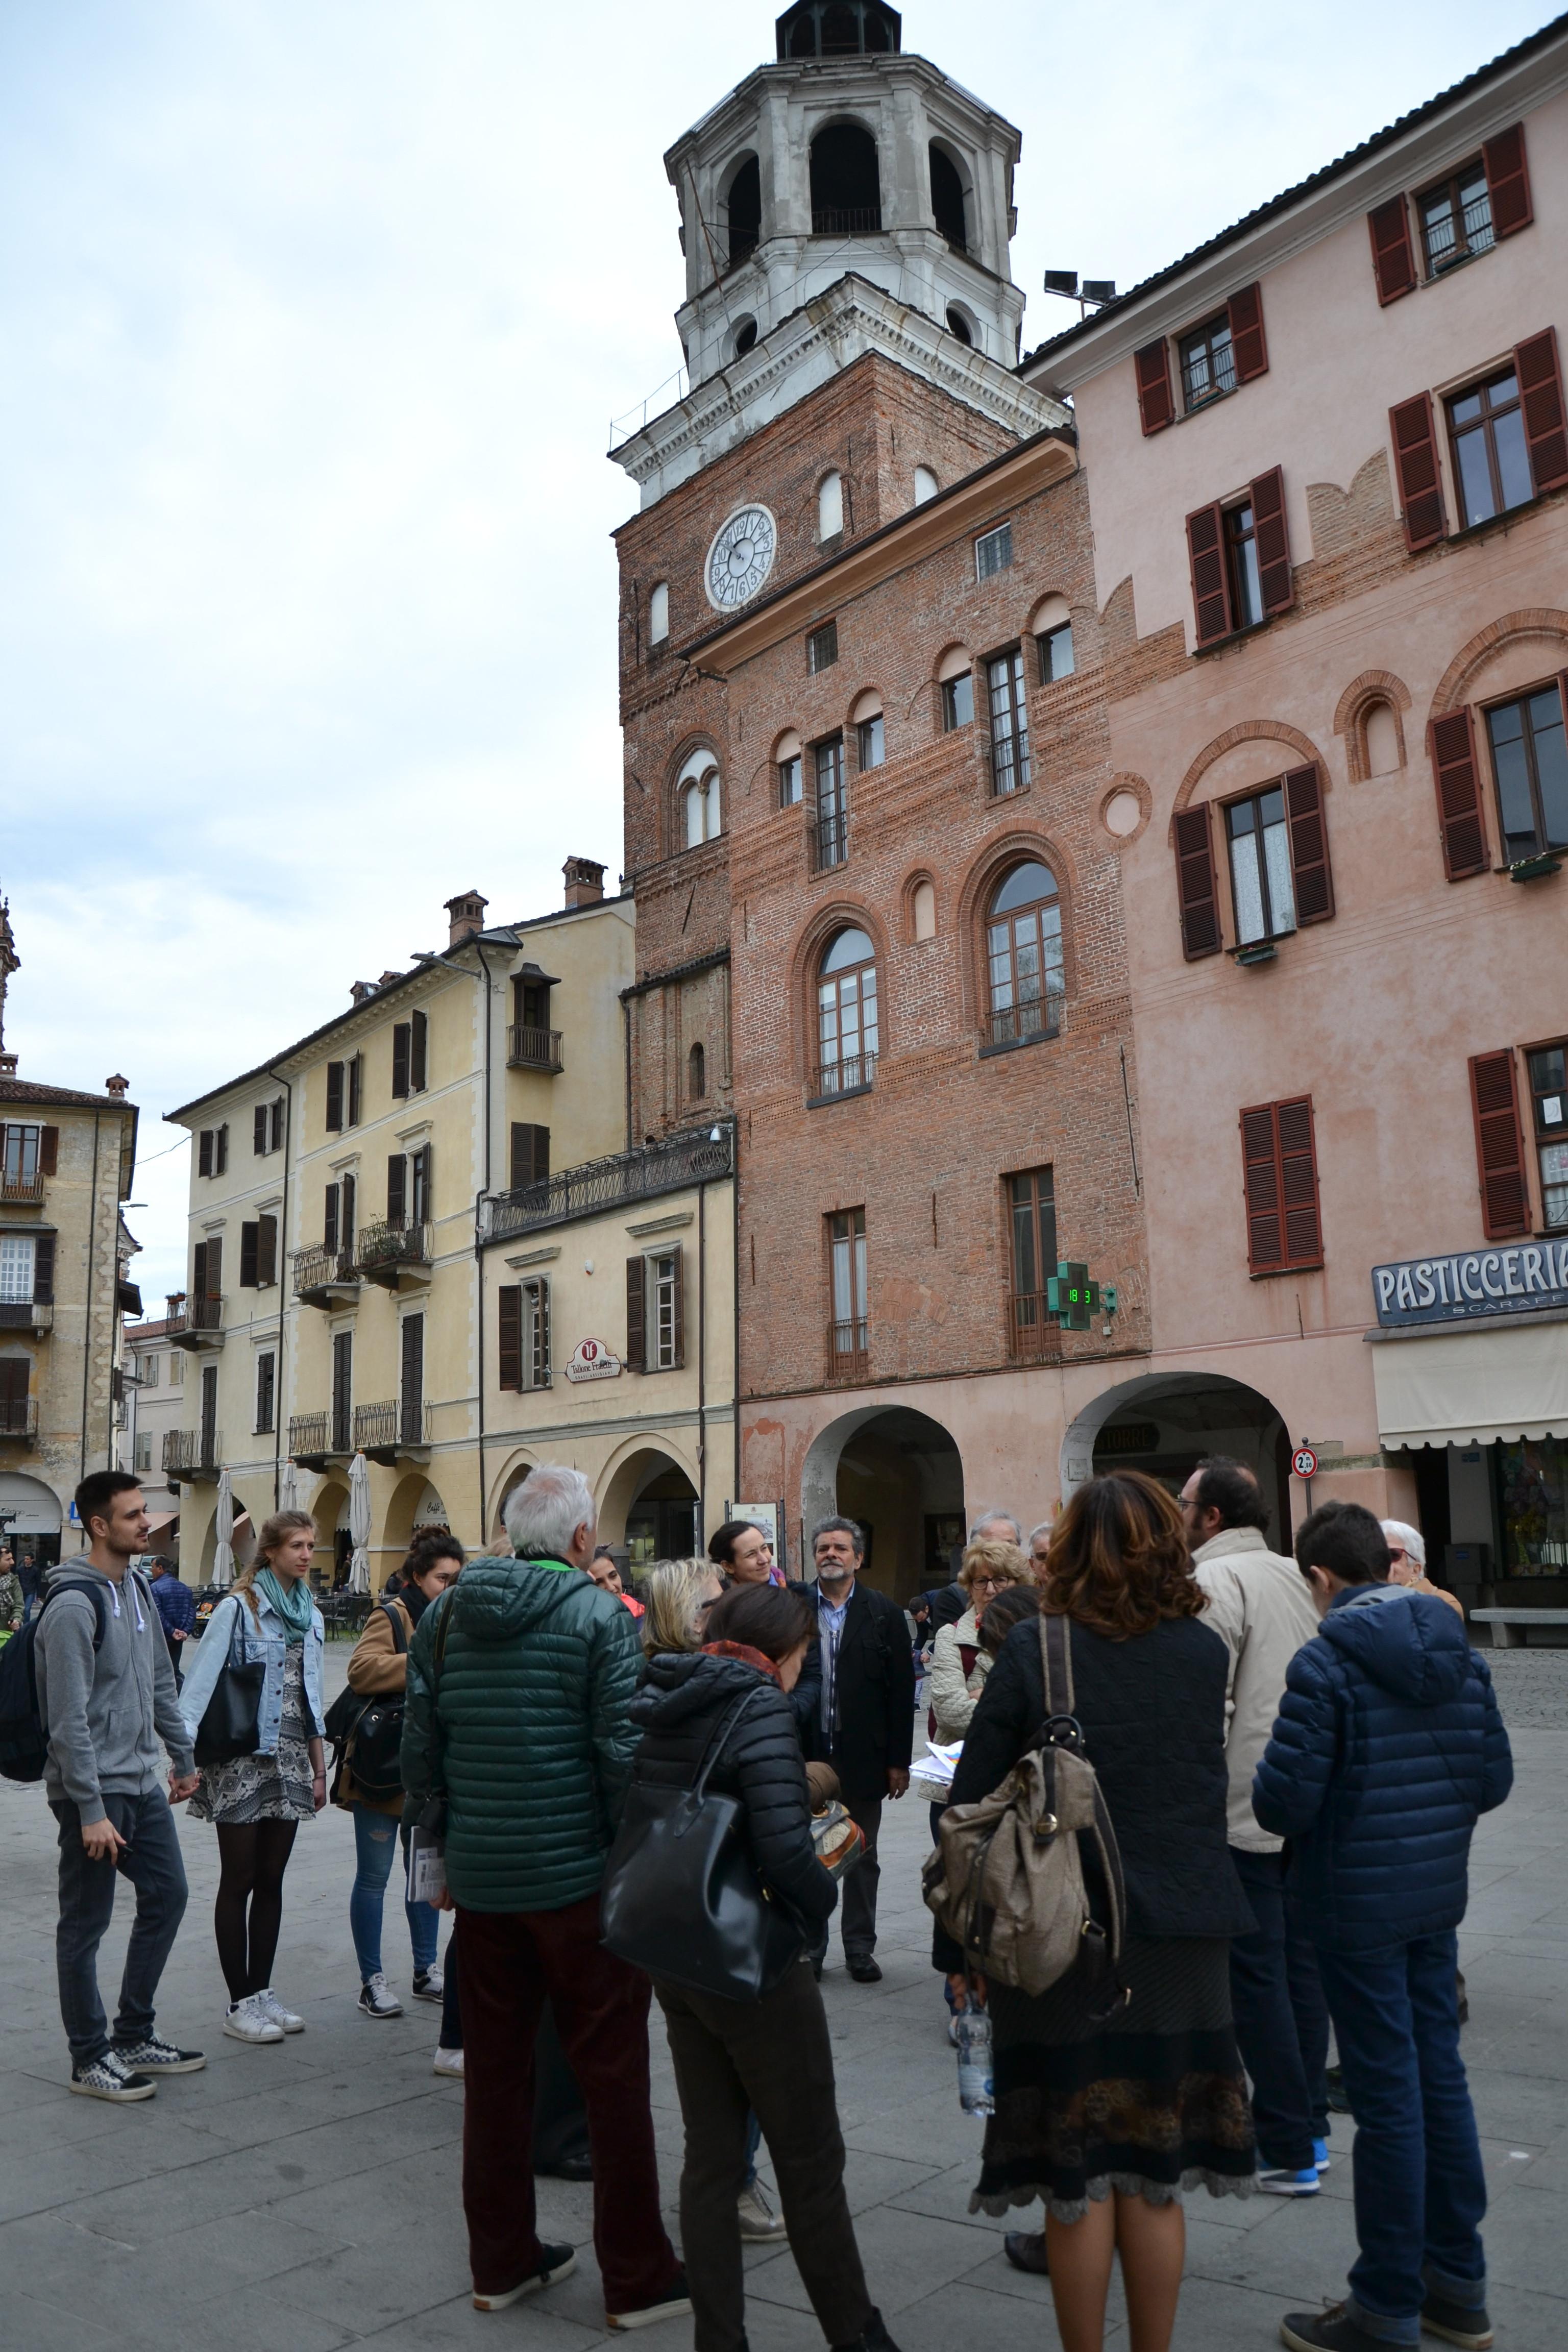 I nostri soci nella medievale Piazza Santa Rosa